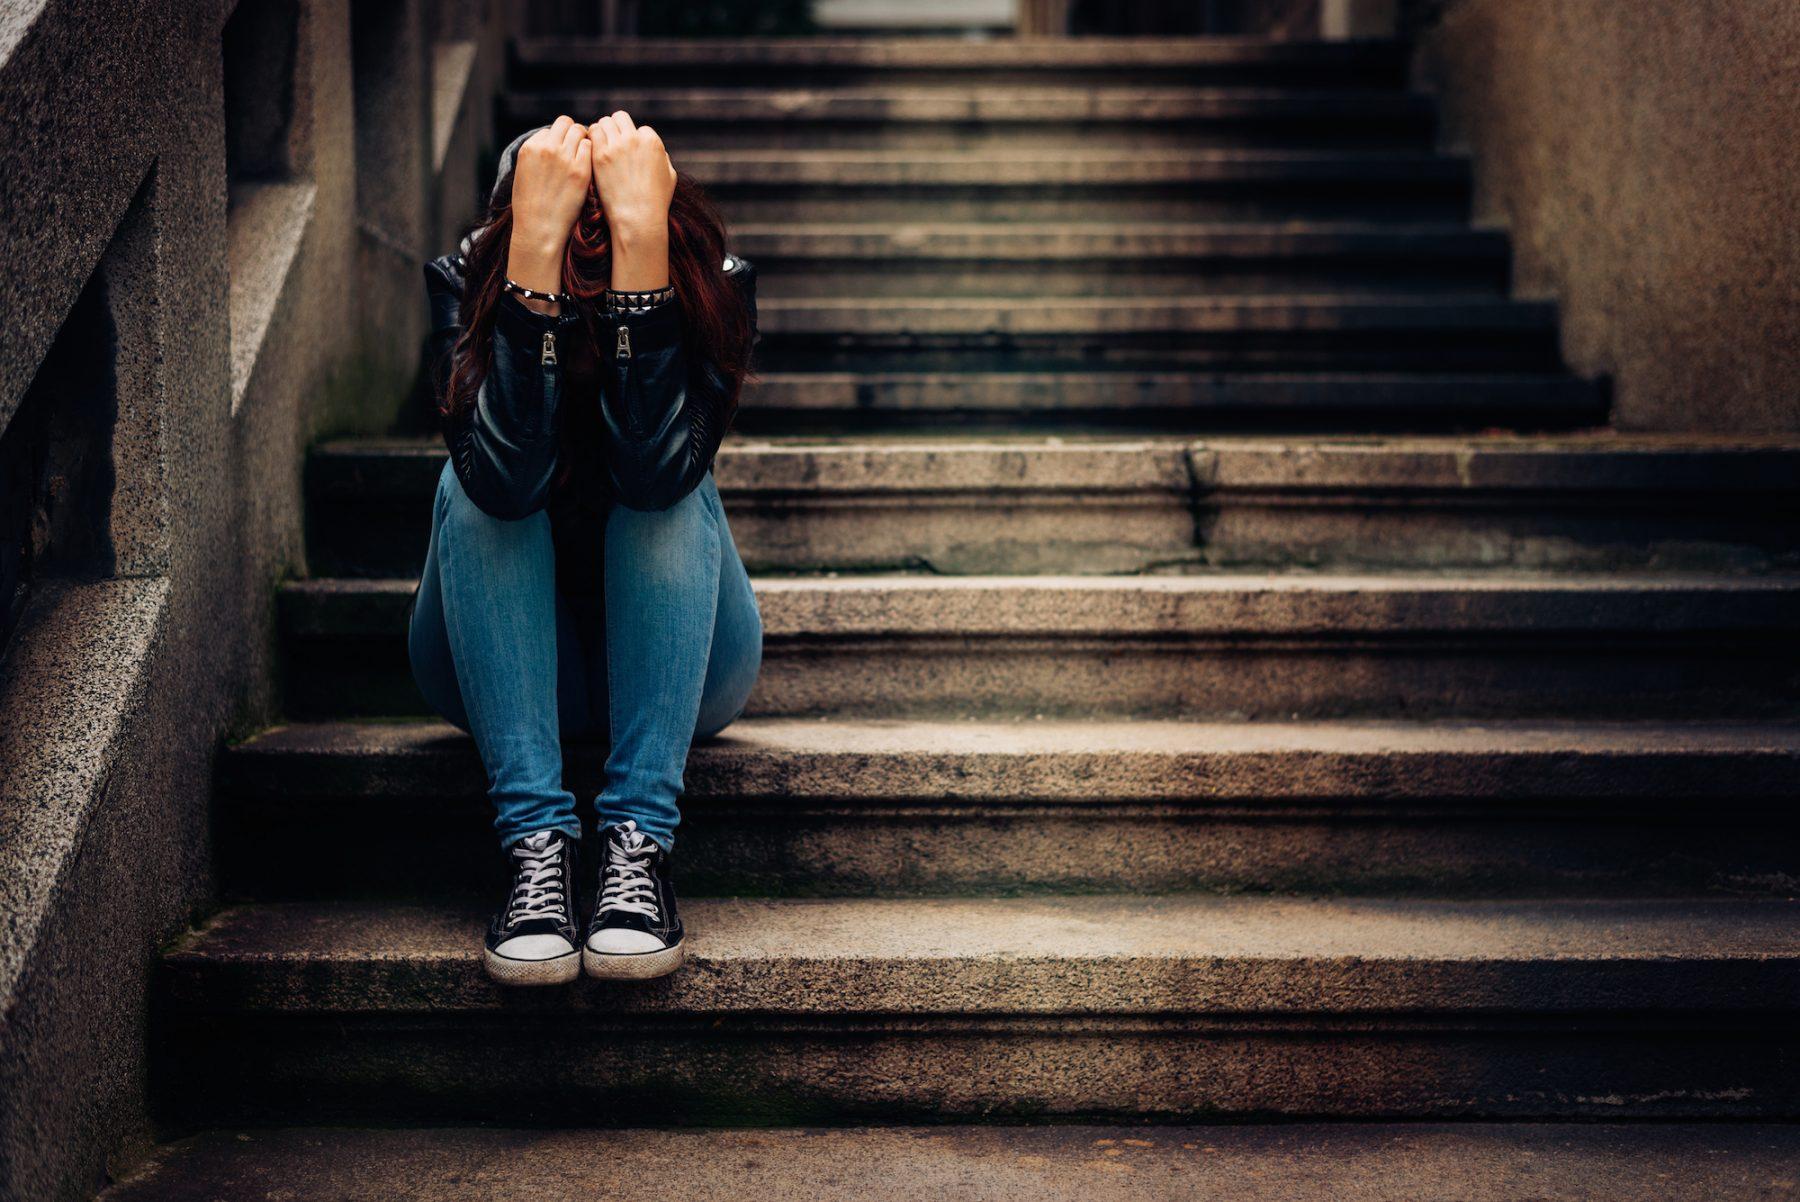 Waarom deze psycholoog vindt dat we 'minder verkrampt' met zelfdoding moeten omgaan